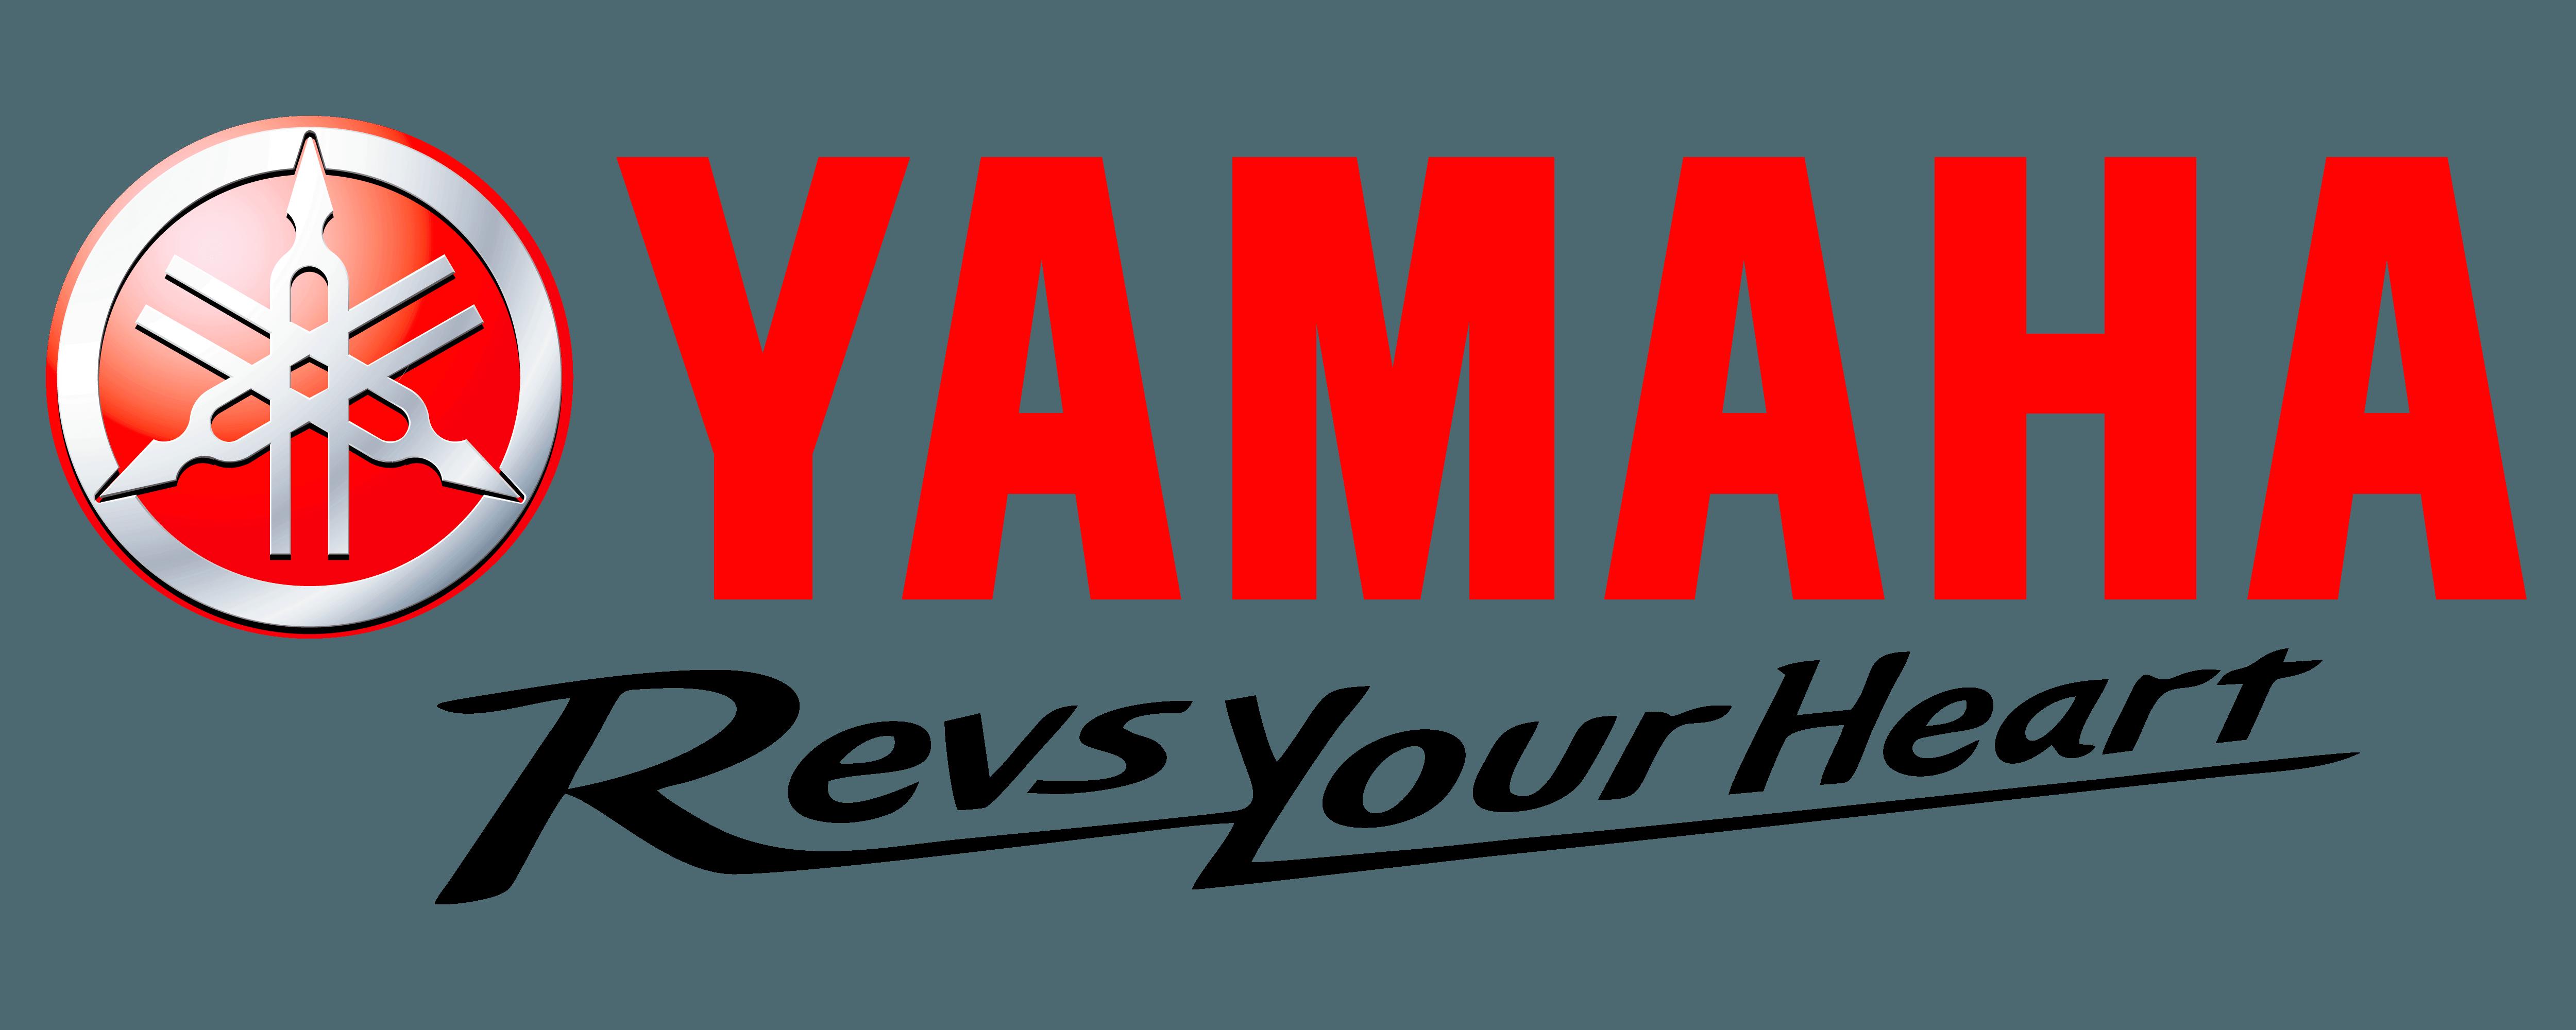 yamaha motorcycle logo logodix yamaha motorcycle logo logodix